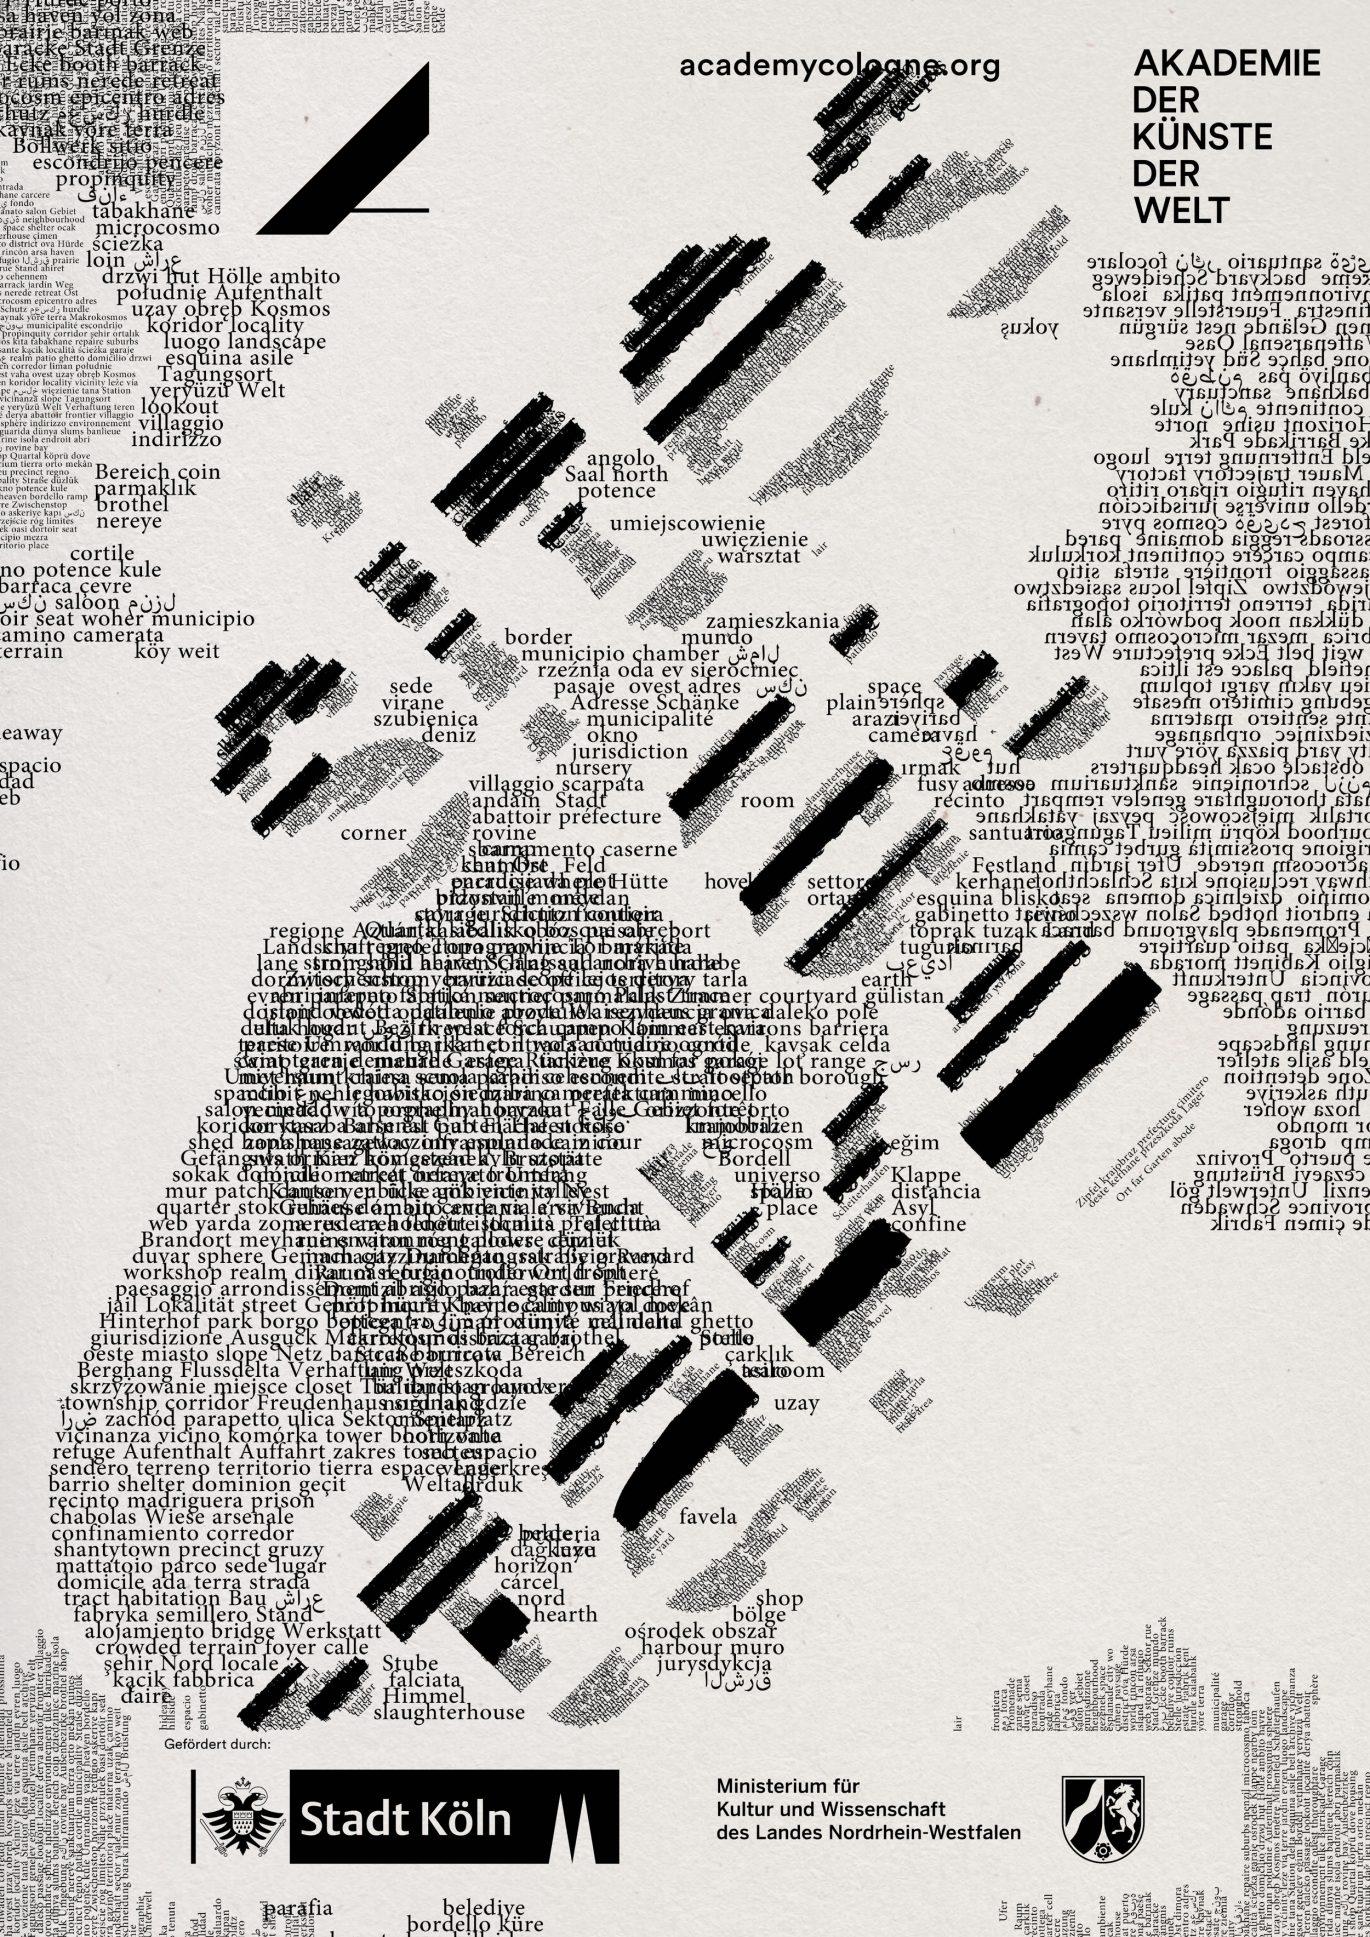 Experimentell | Kunst | Art | Typo | Überlagerung